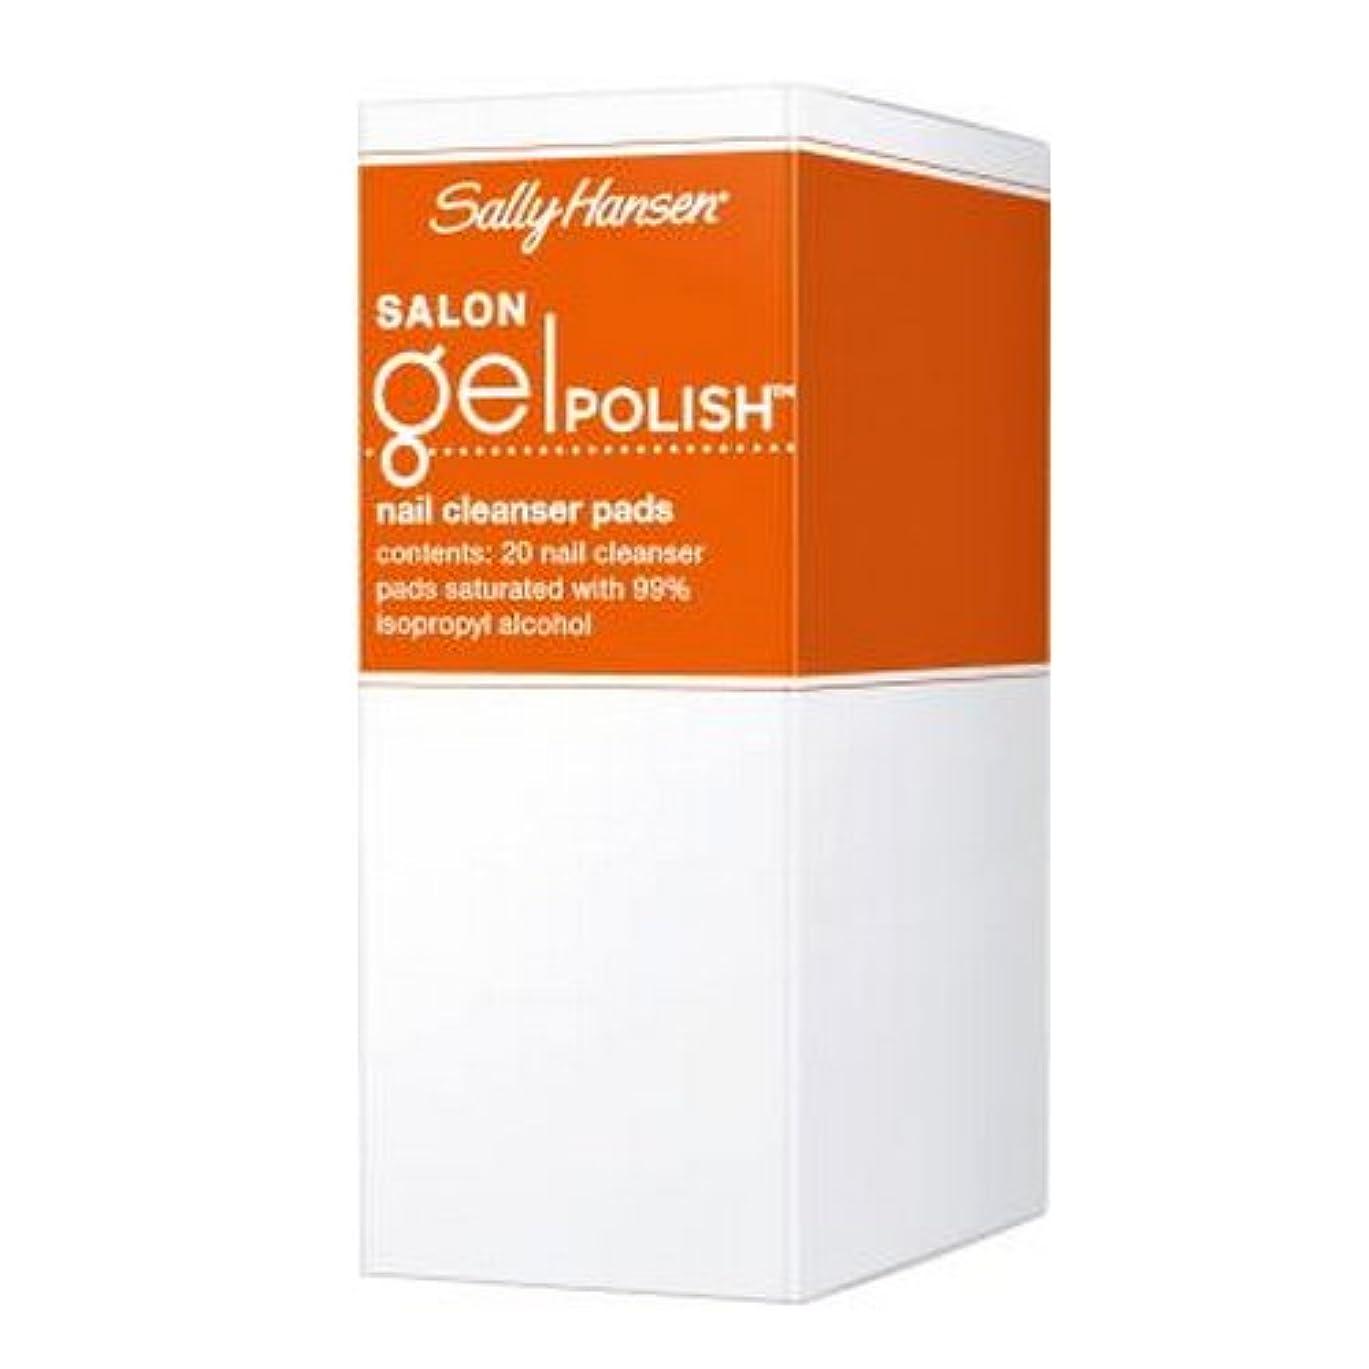 取り扱い簡略化する落花生SALLY HANSEN Salon Gel Polish Nail Cleanser Pads - Gel Polish Cleanser Pads (並行輸入品)